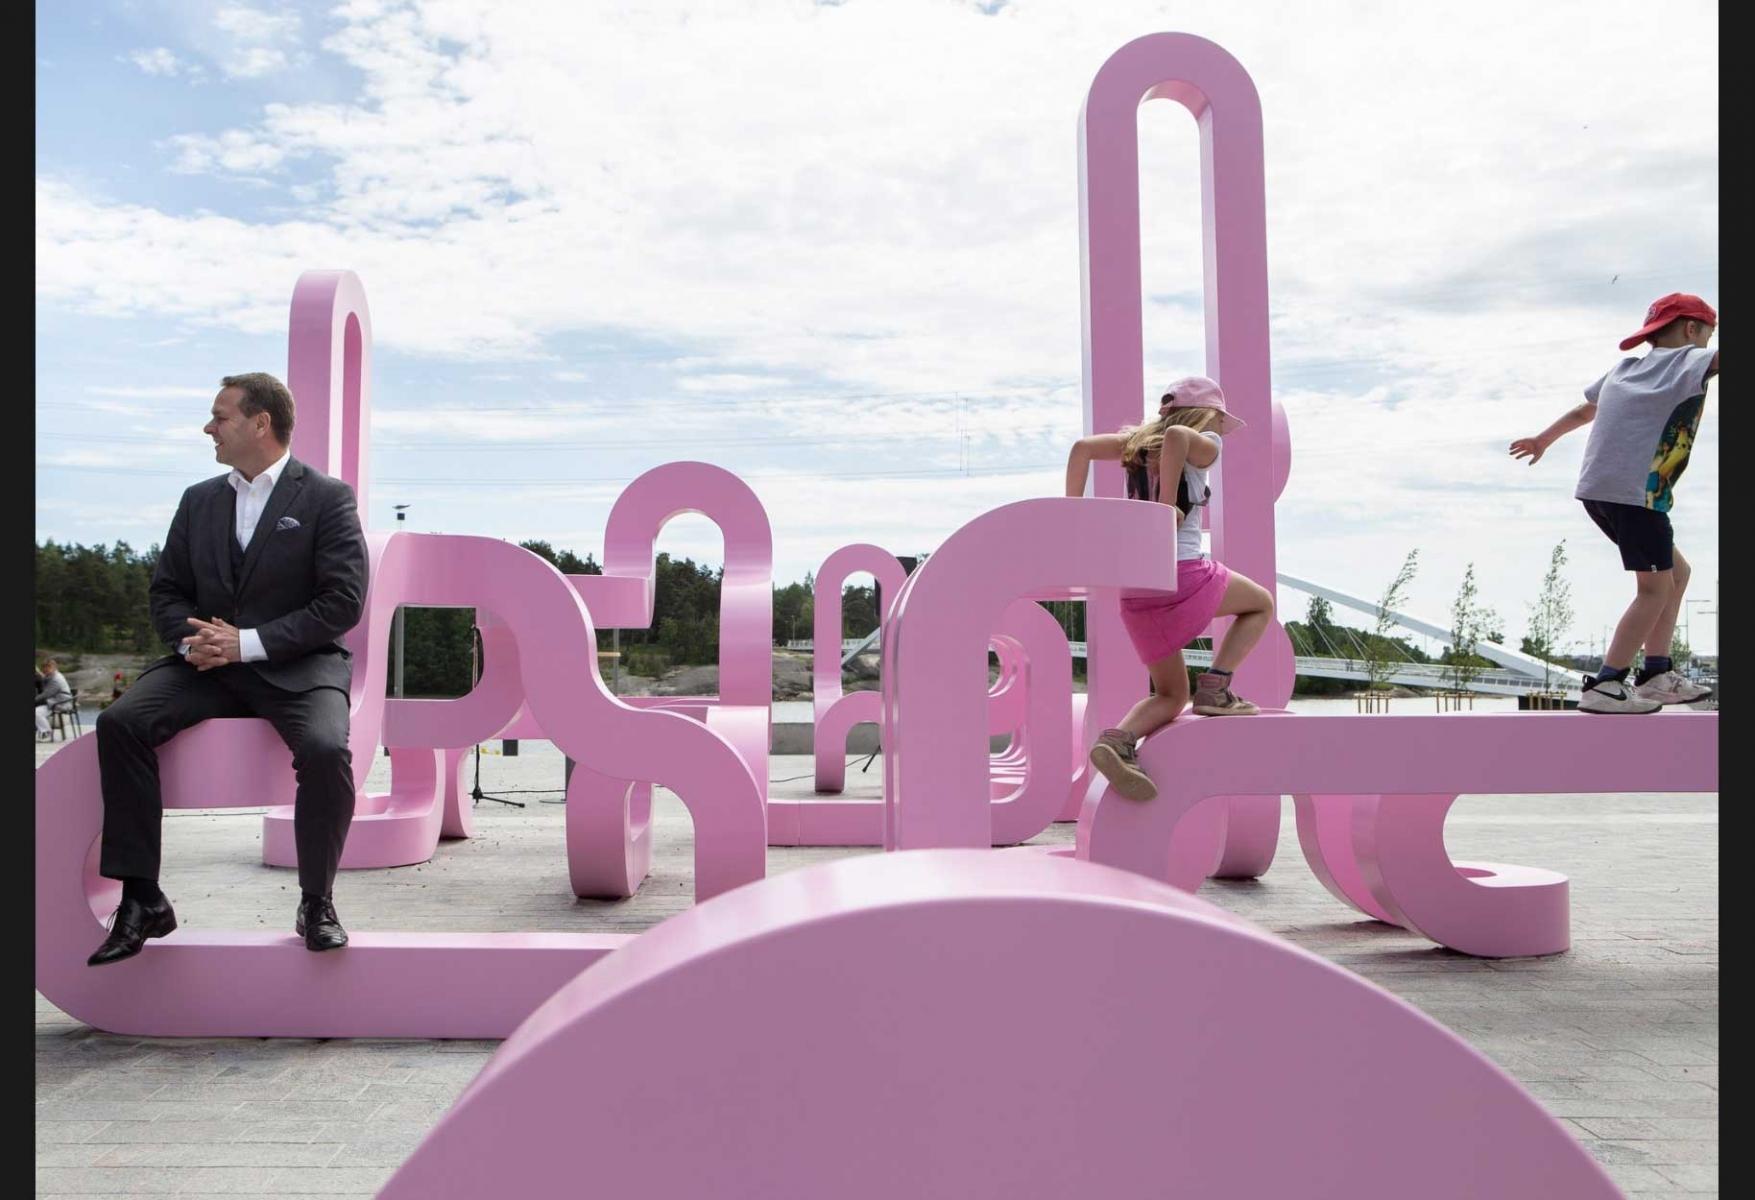 Publikt konstverk i Helsingfors